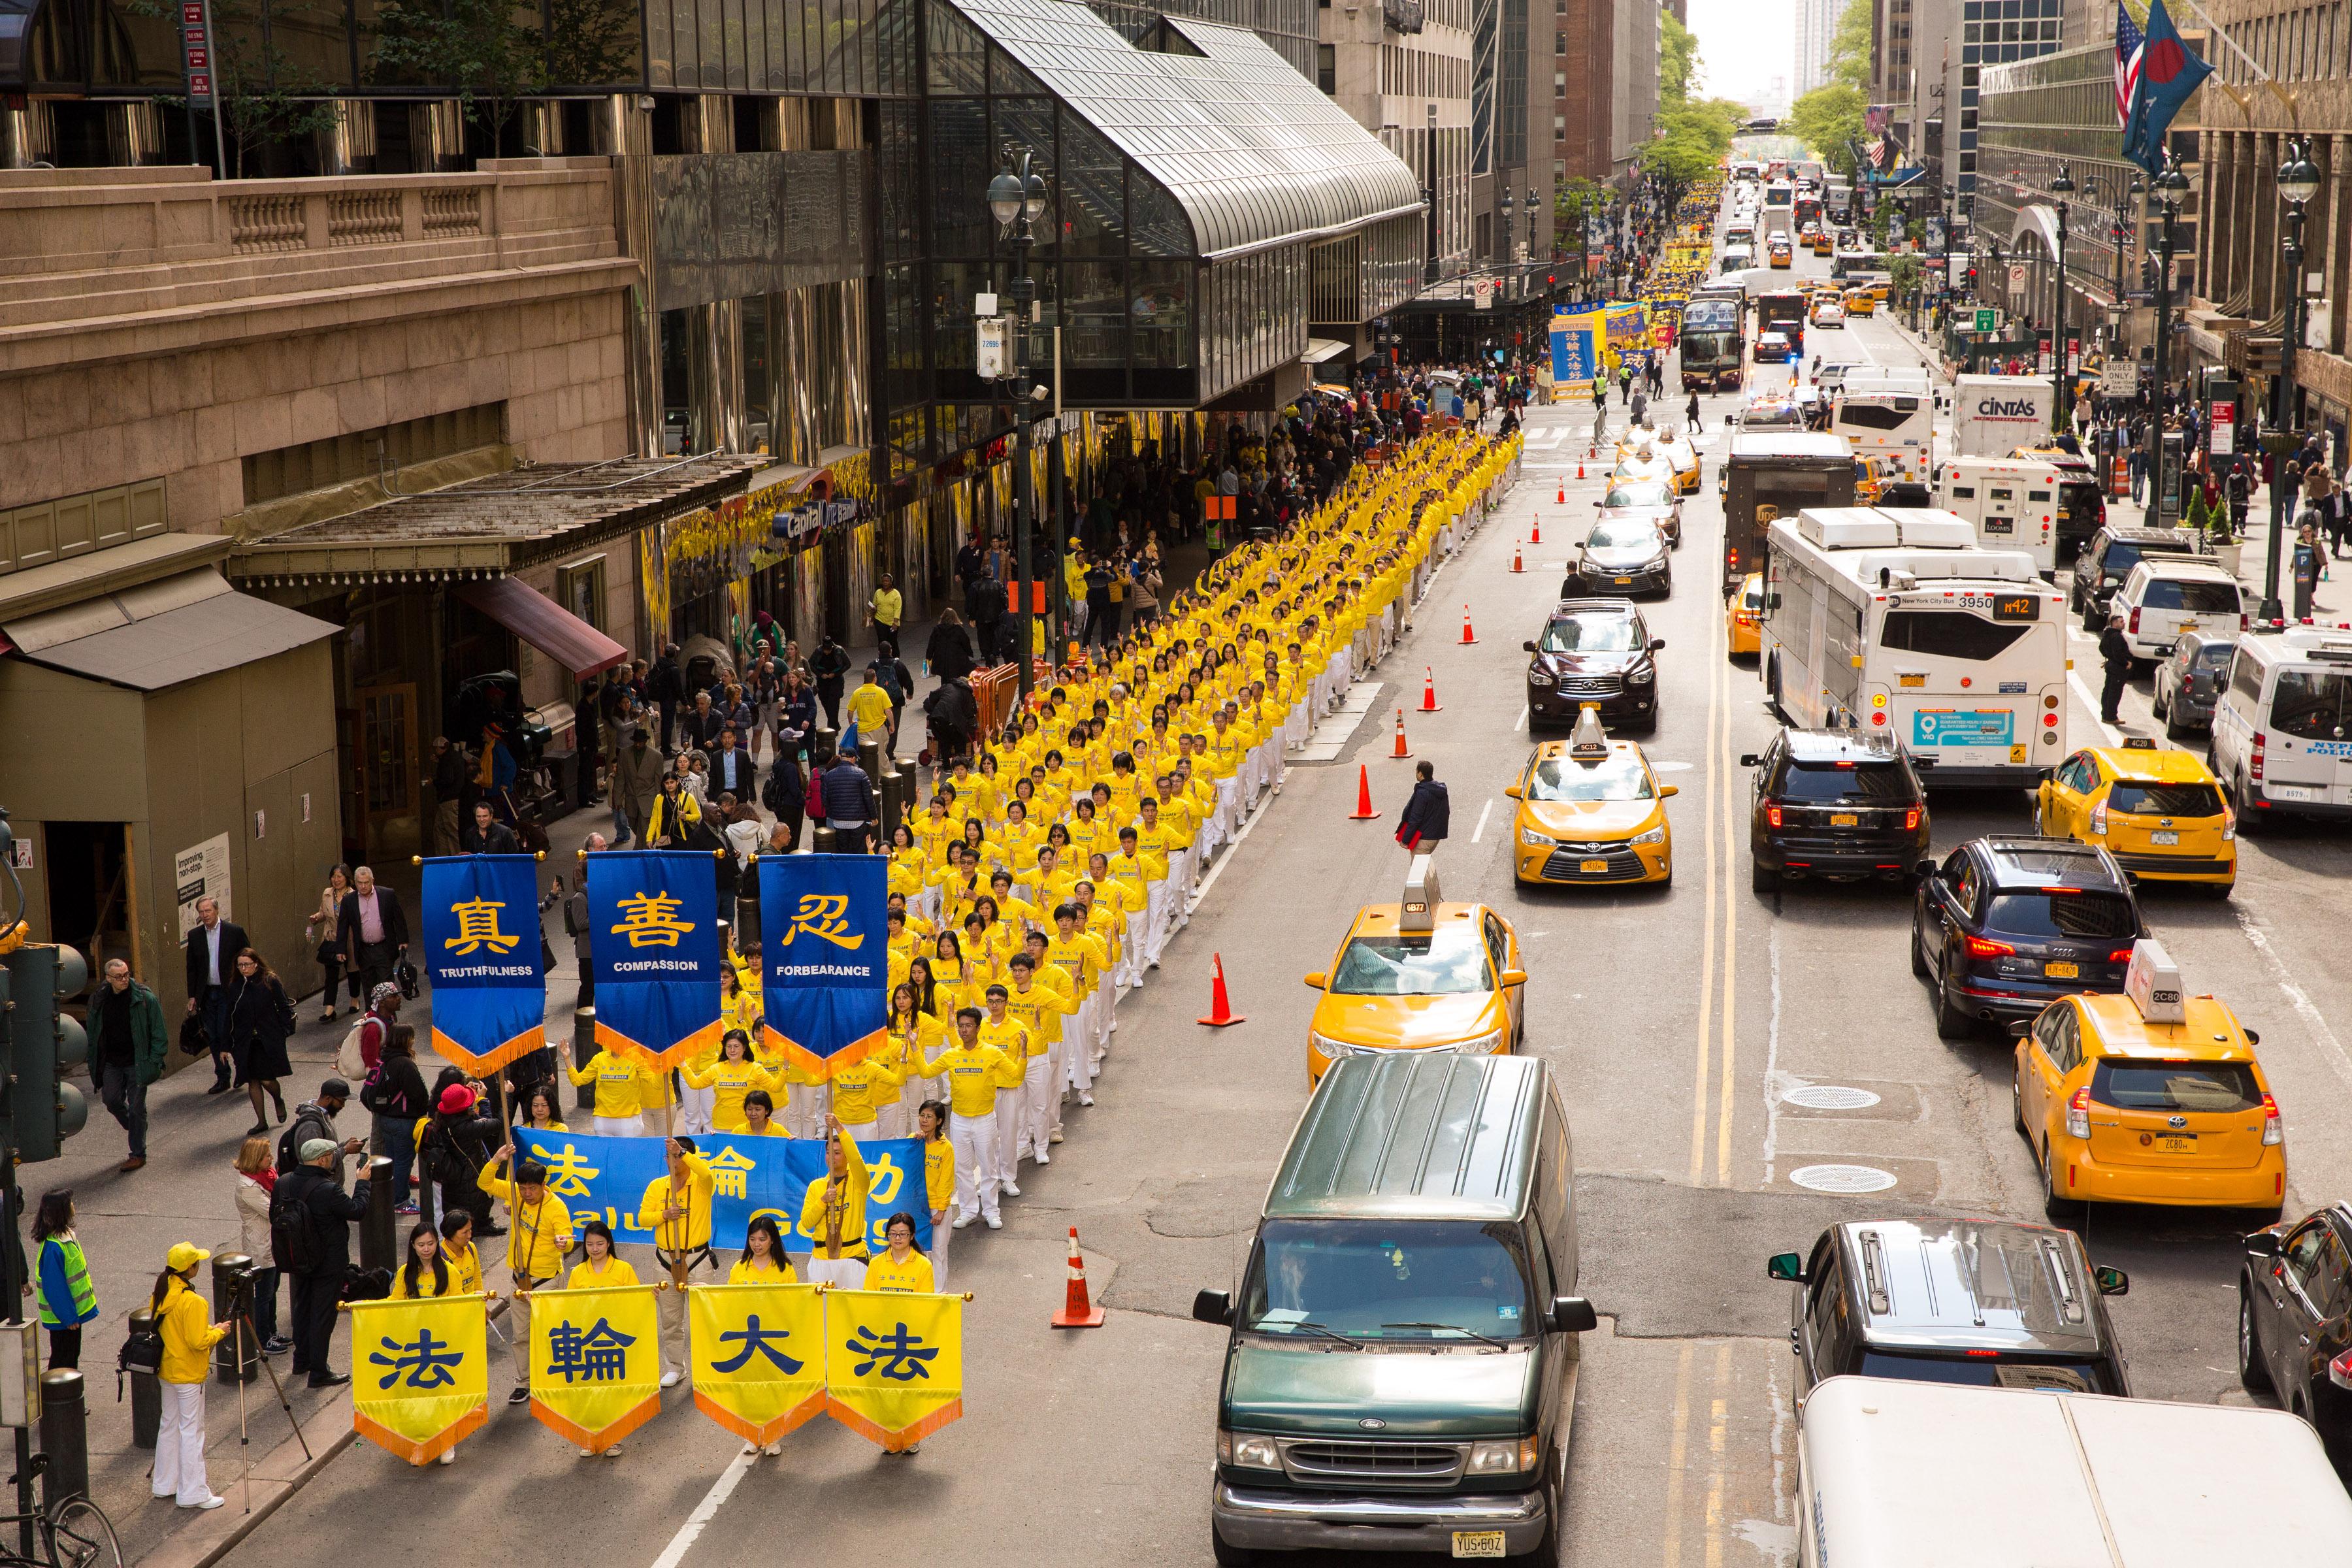 2017年5月12日,紐約上萬人舉行慶祝法輪大法弘傳世界25週年活動,並舉行橫貫曼哈頓中心42街的盛大遊行。(艾文/大紀元)